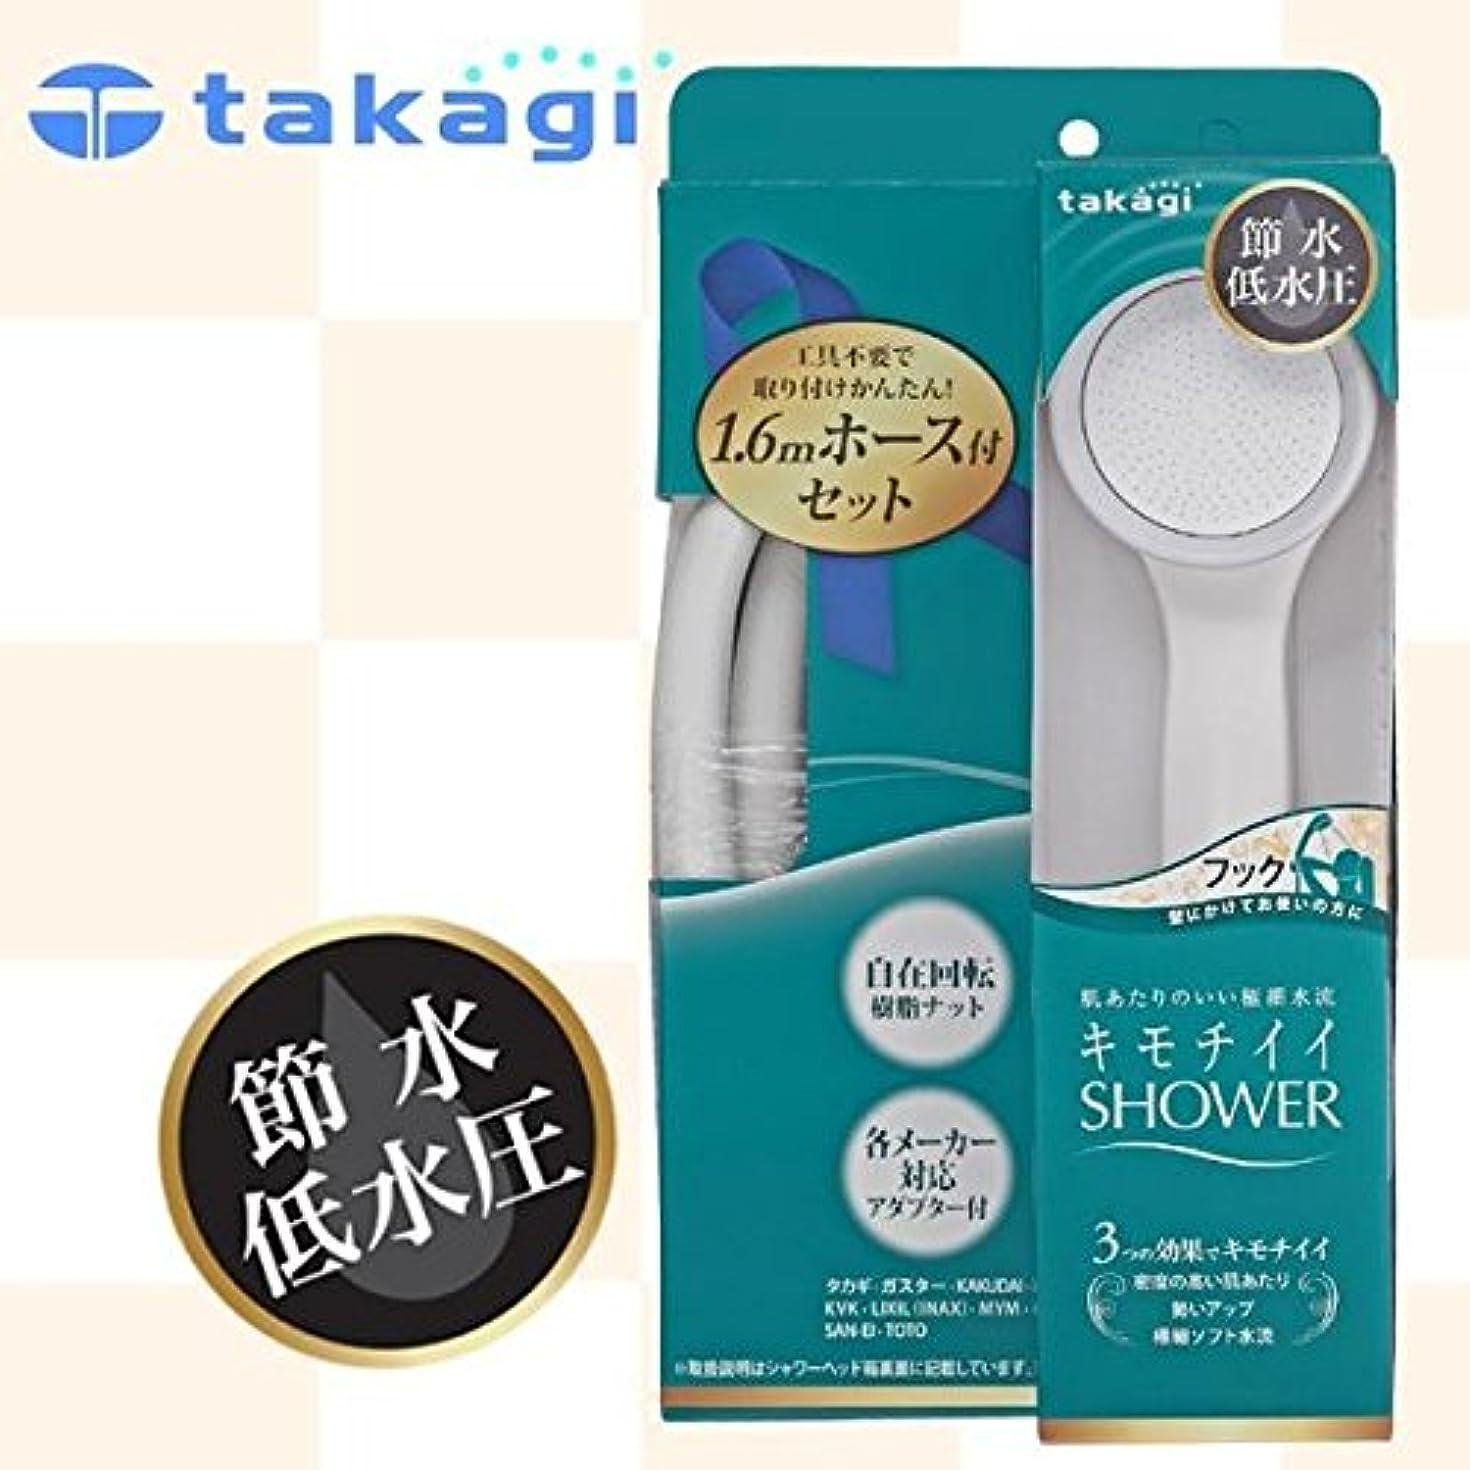 スラッシュ警告する後継takagi タカギ 浴室用シャワーヘッド キモチイイシャワーホースセットWT フックタイプ【同梱?代引不可】